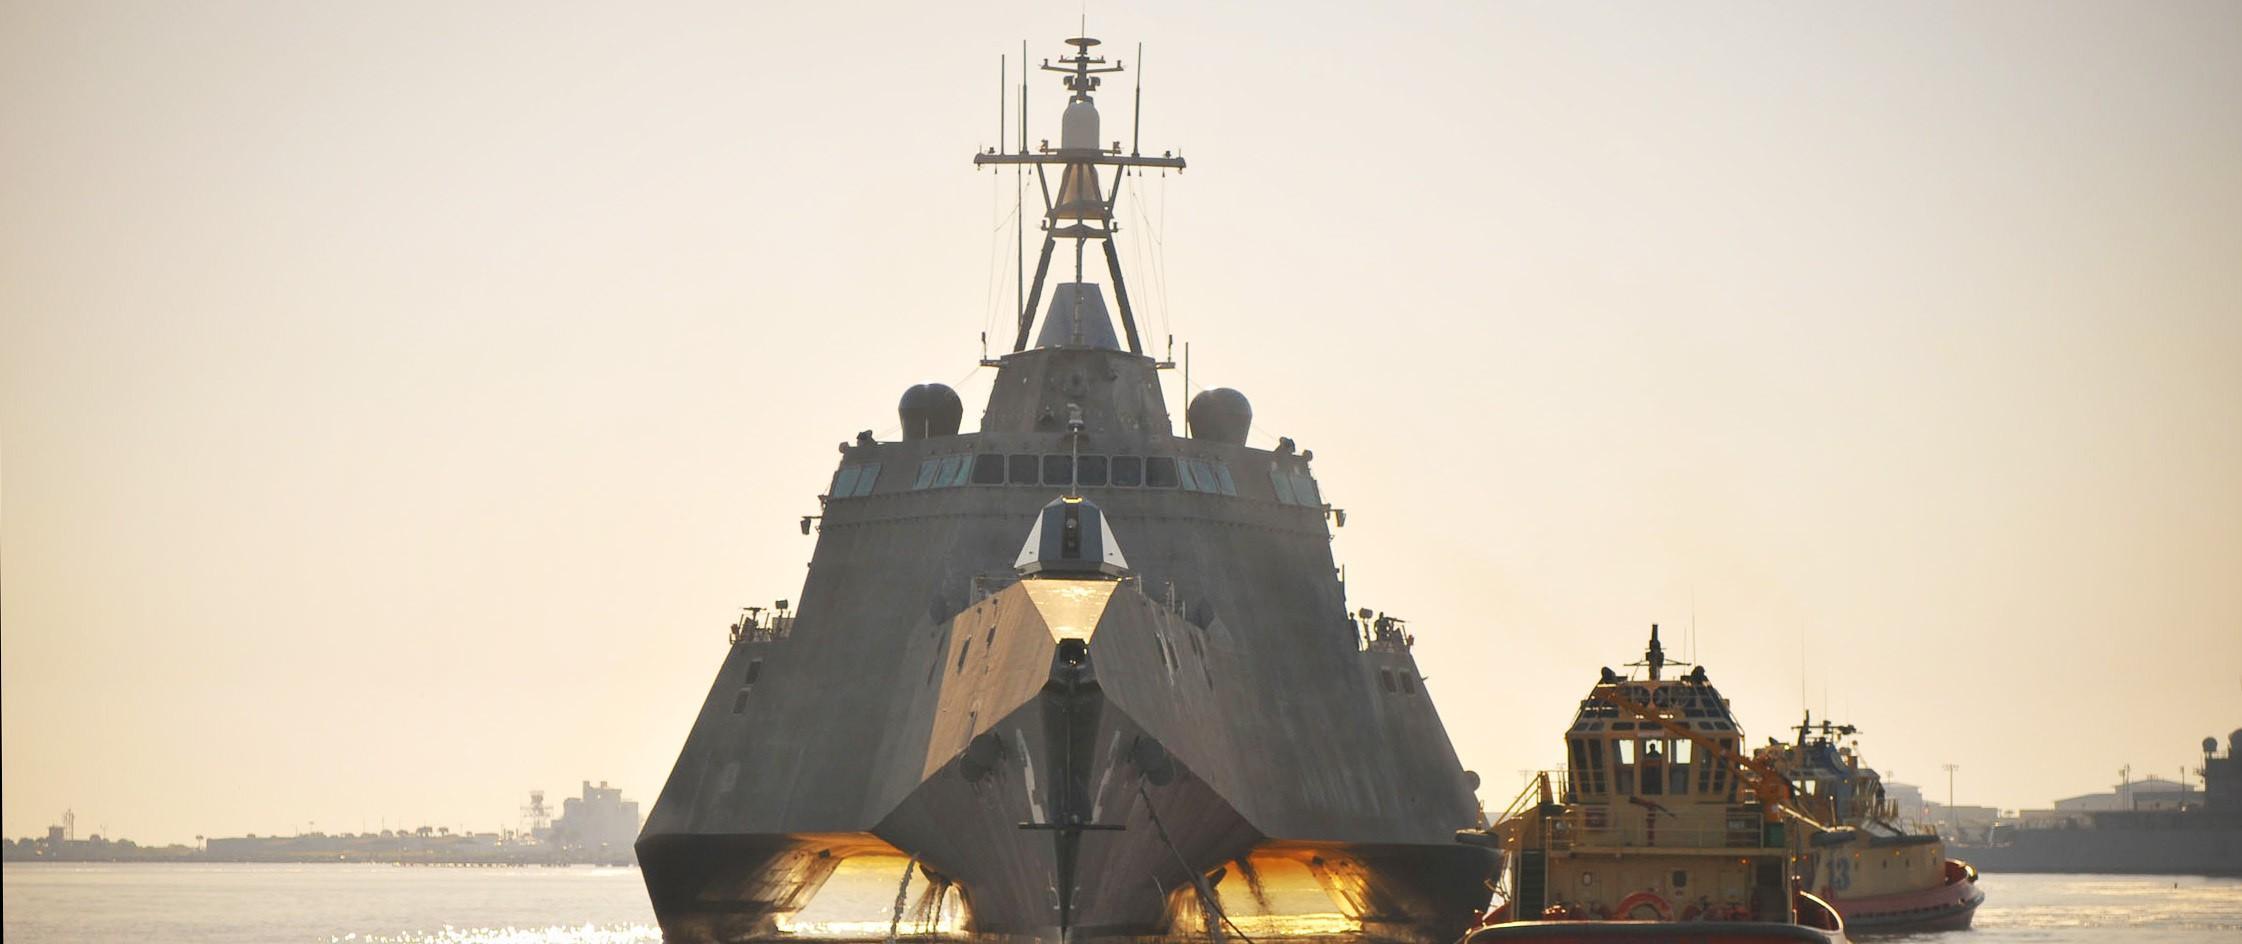 异常低调,美军超级战舰或沦为绣花枕头?解放军弯道超车好机会